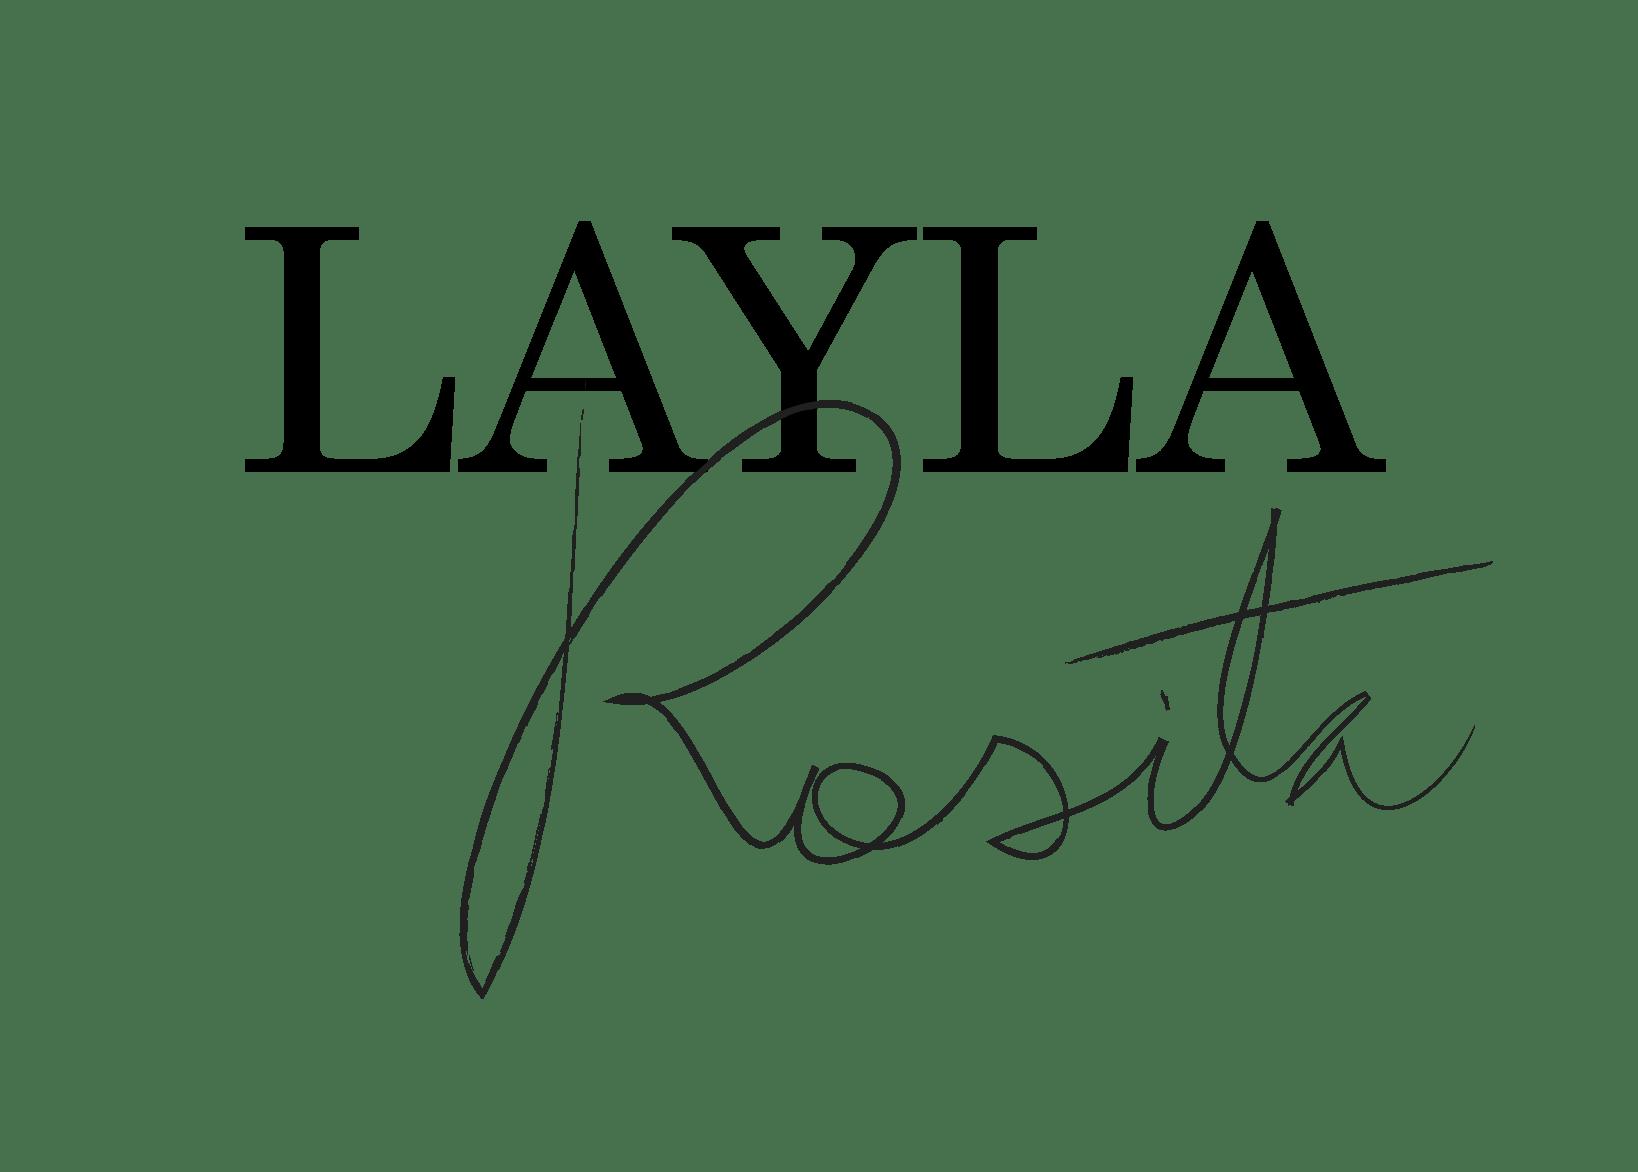 LAYLAROSITAA